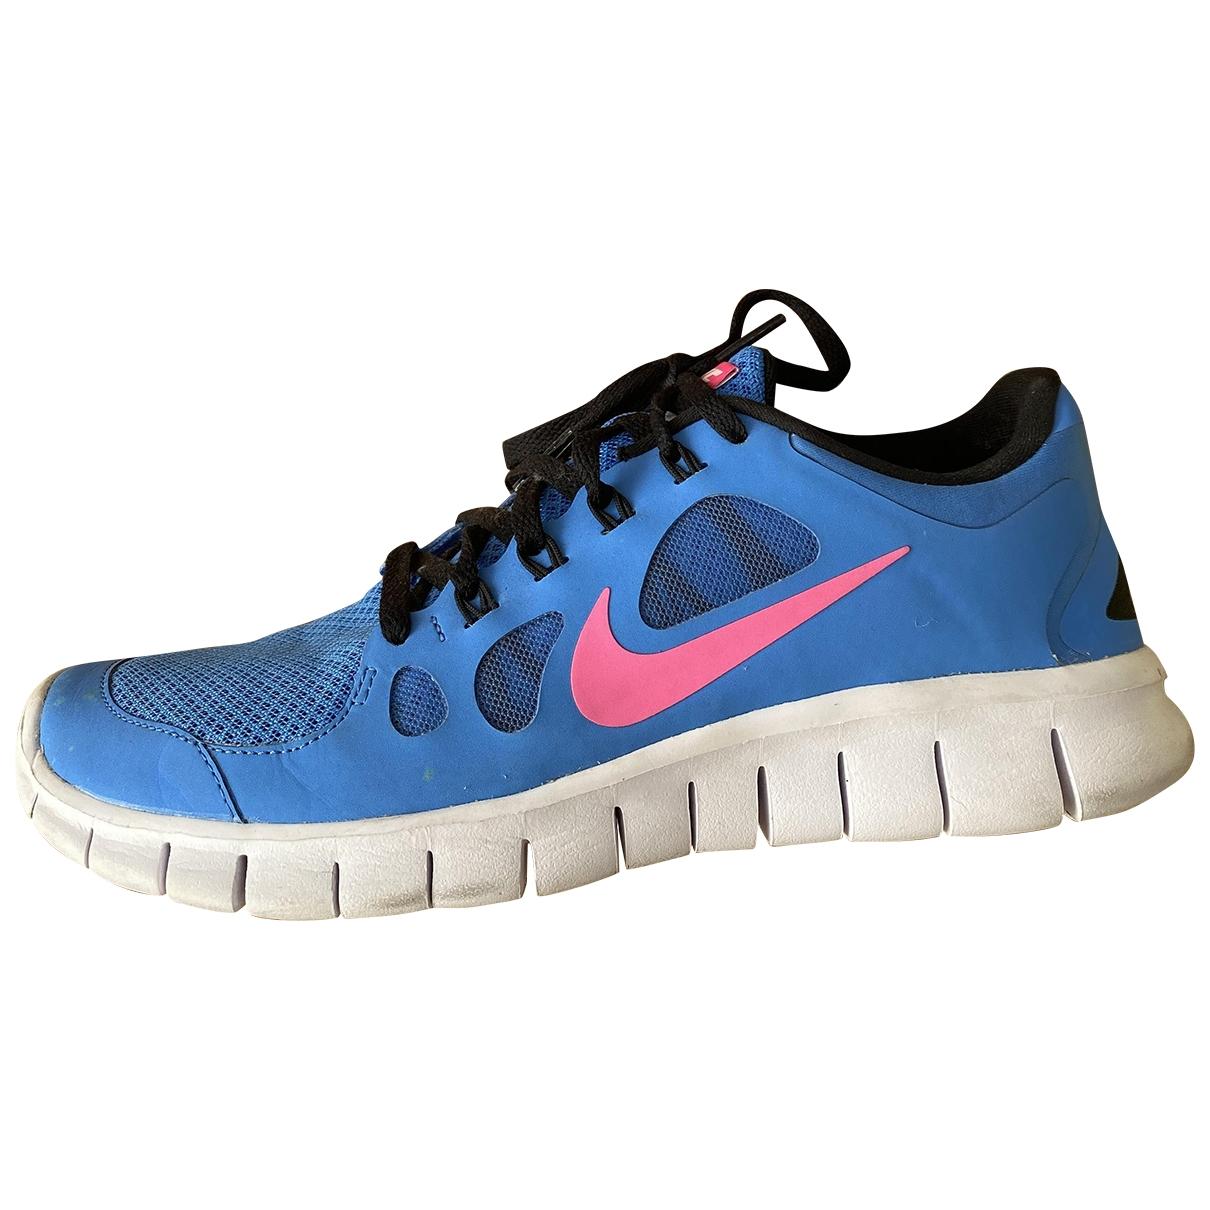 Nike - Baskets Free Run pour femme - bleu